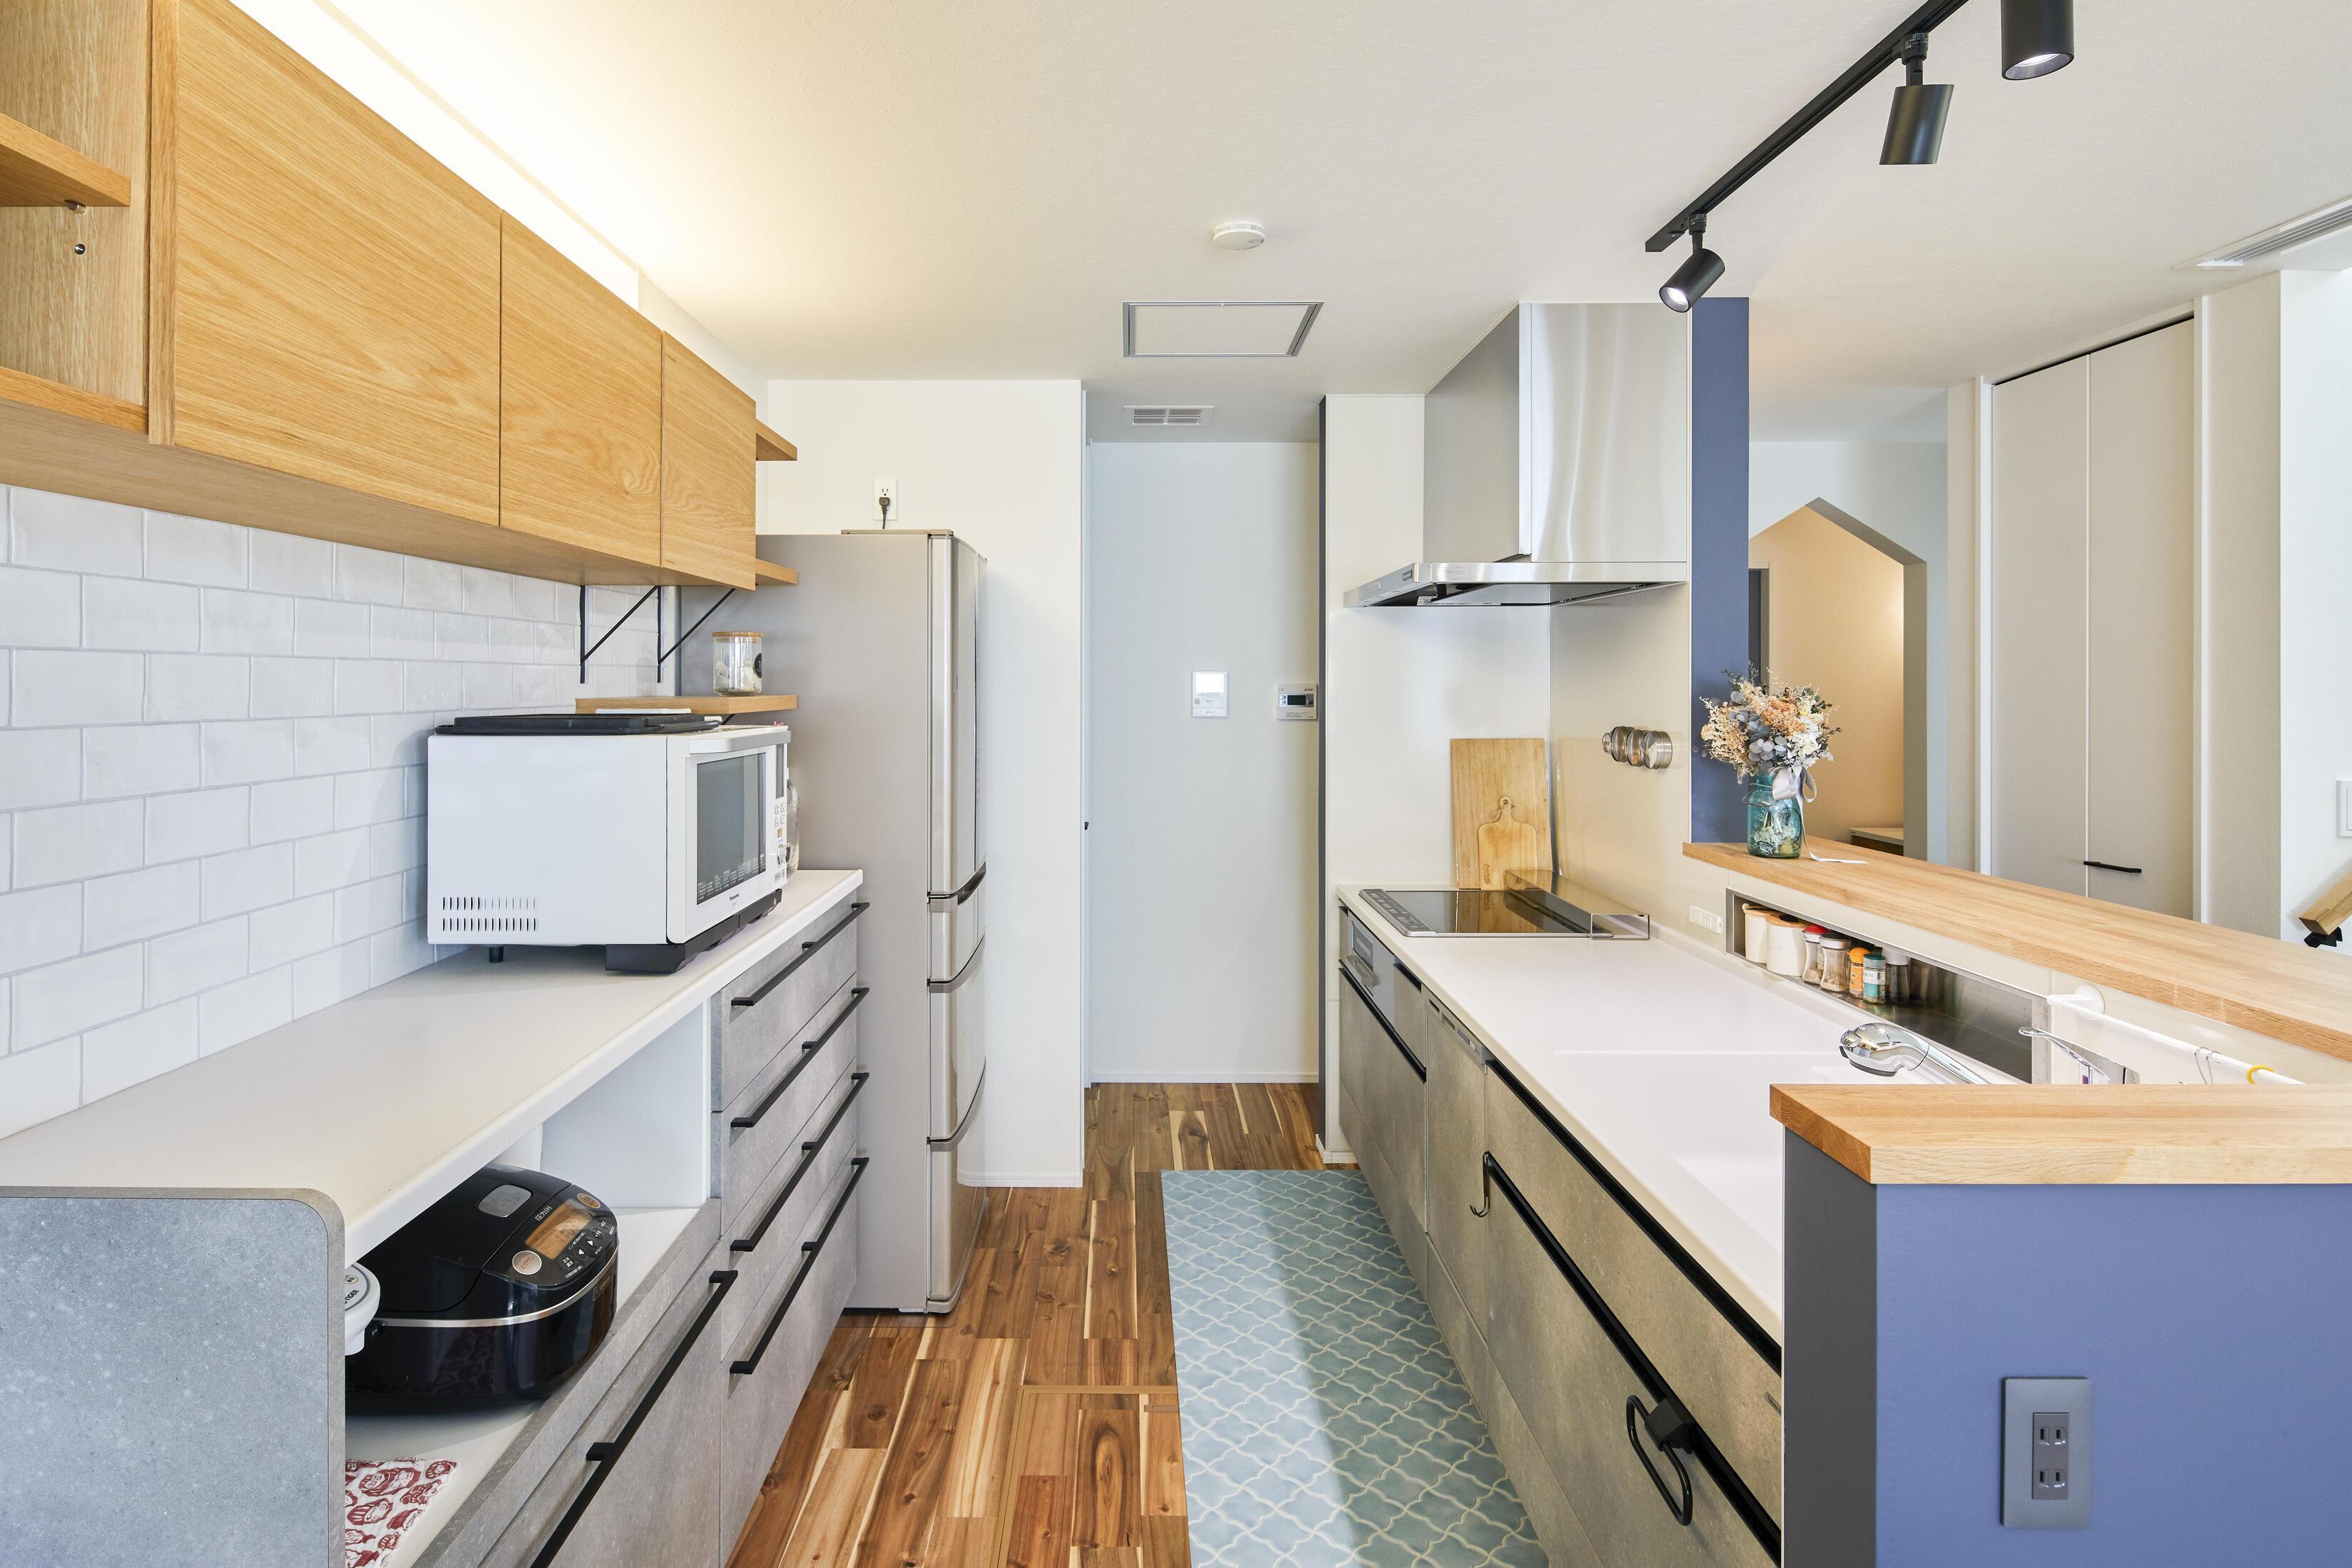 キッチンはダイニング側にも廊下側にもアクセスしやすく、家事動線に配慮されている